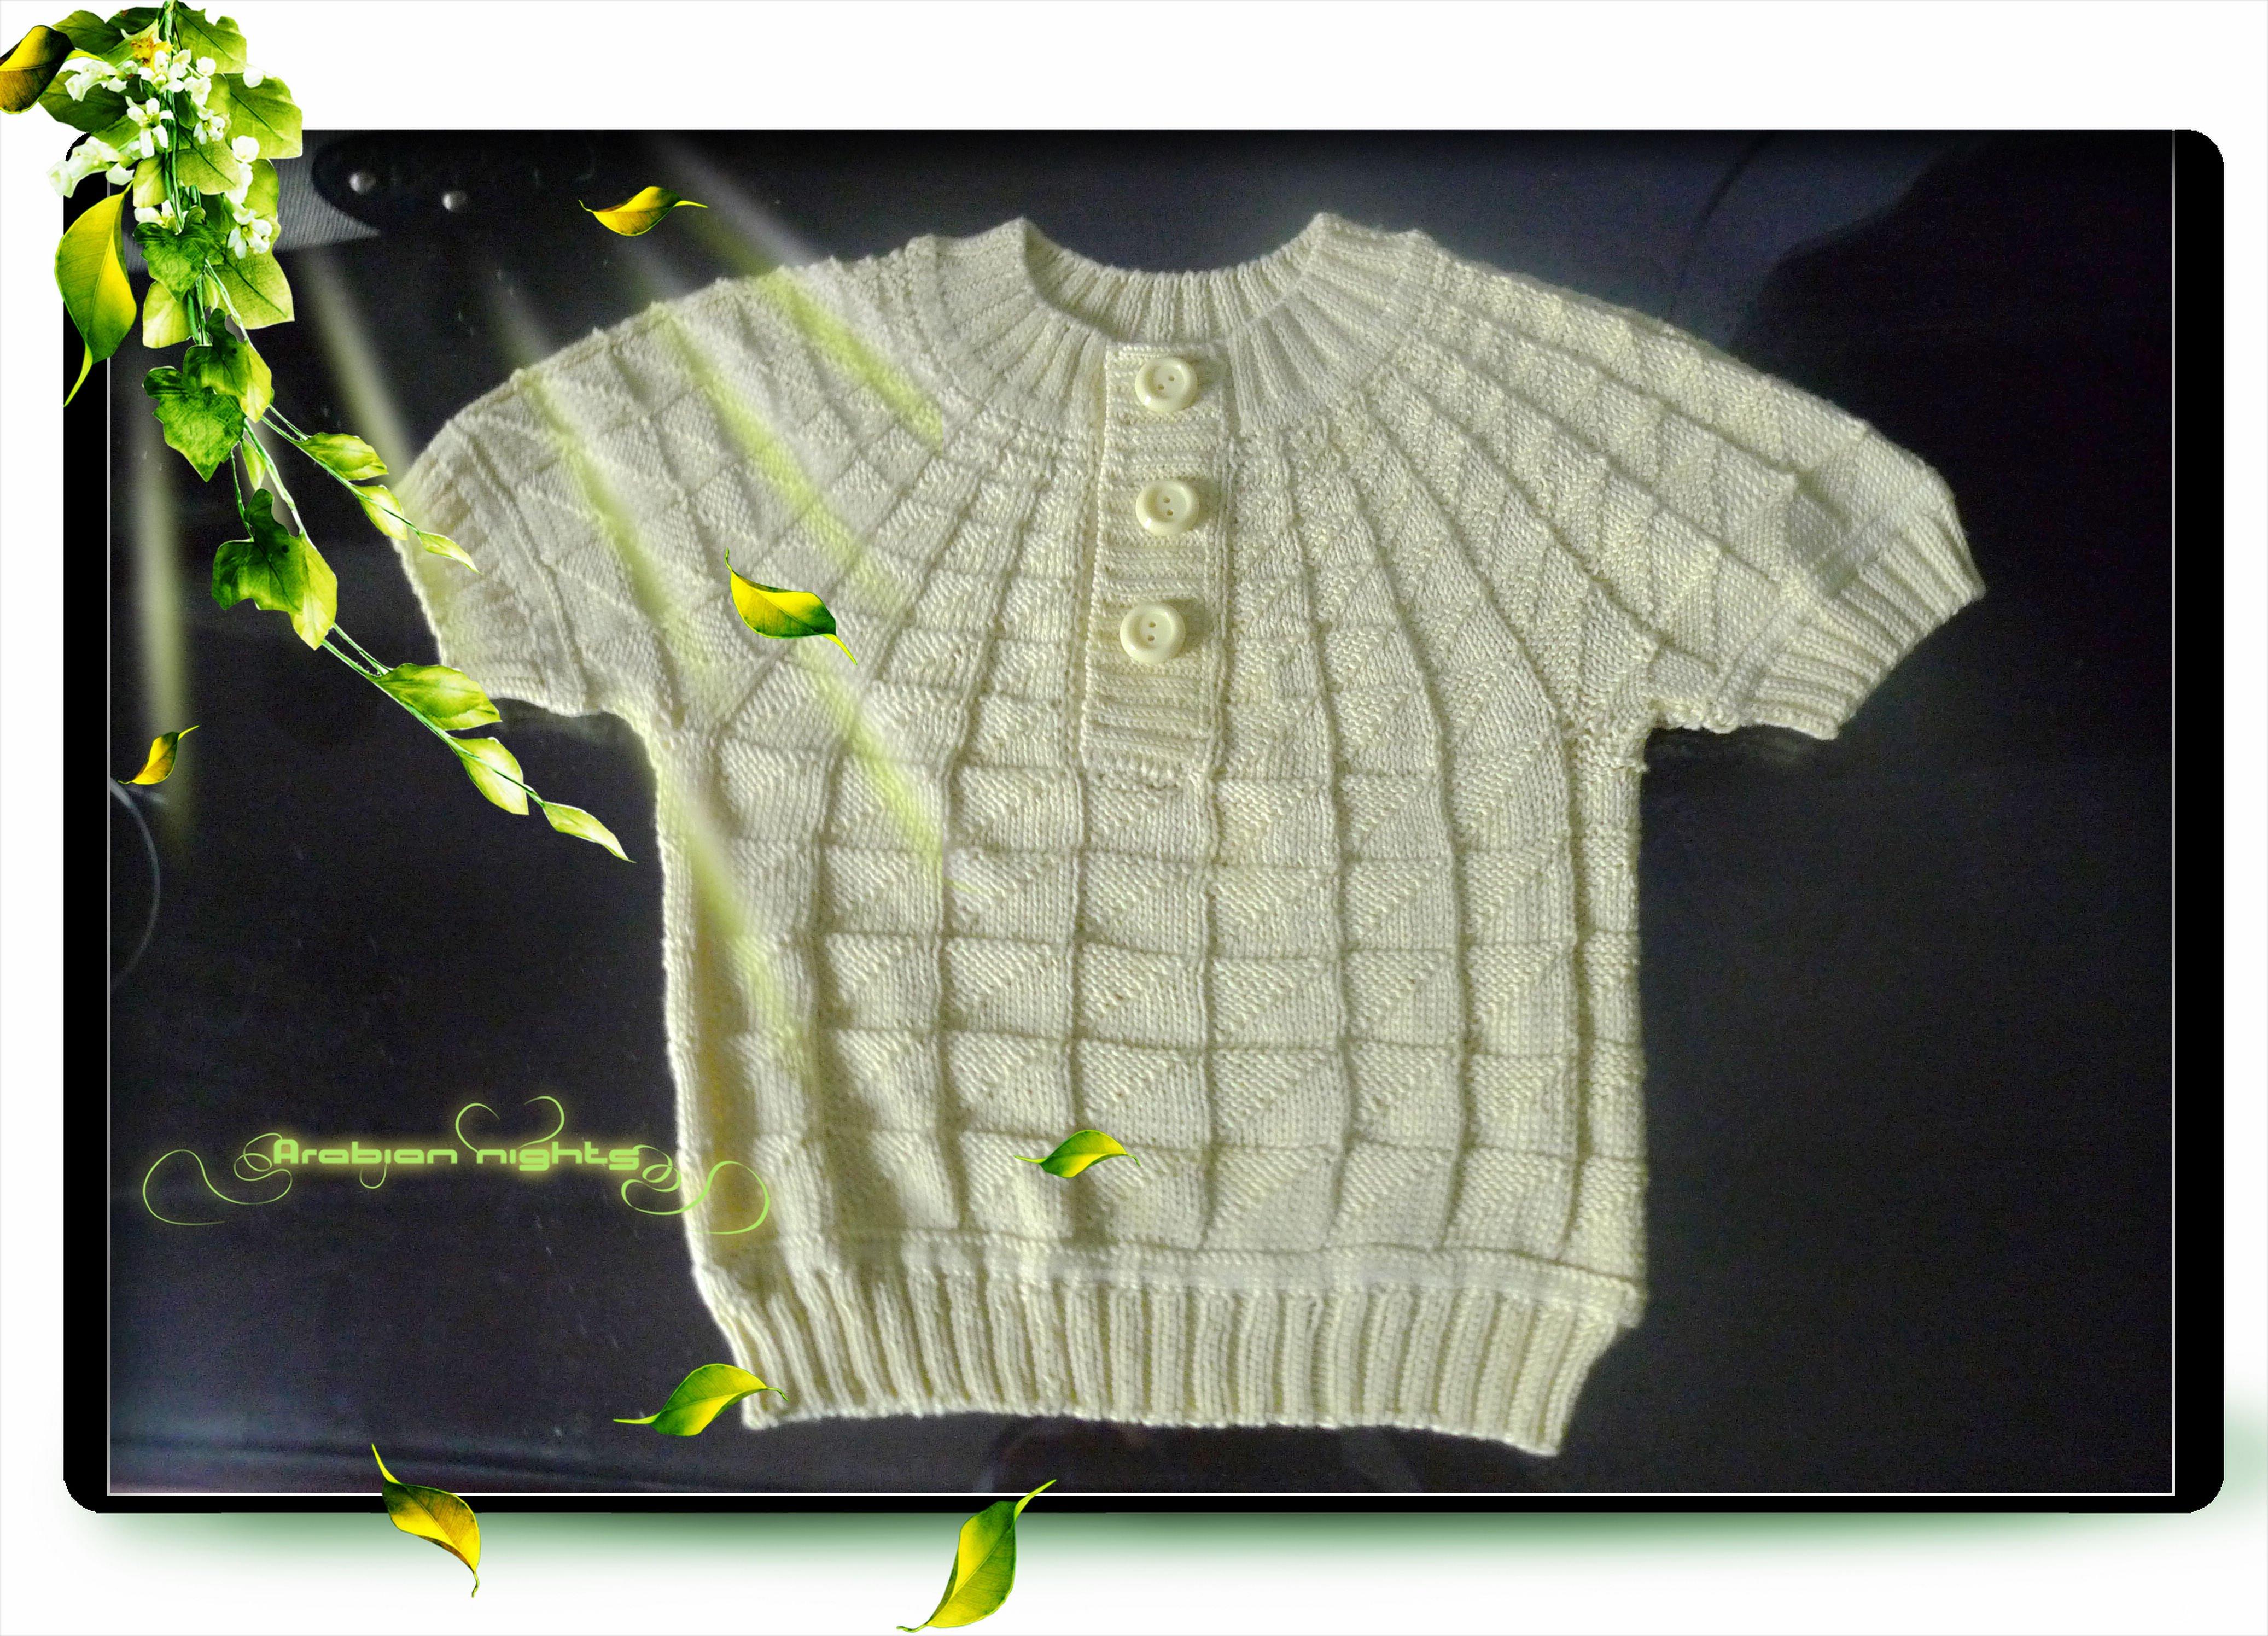 儿童短袖衣服.jpg